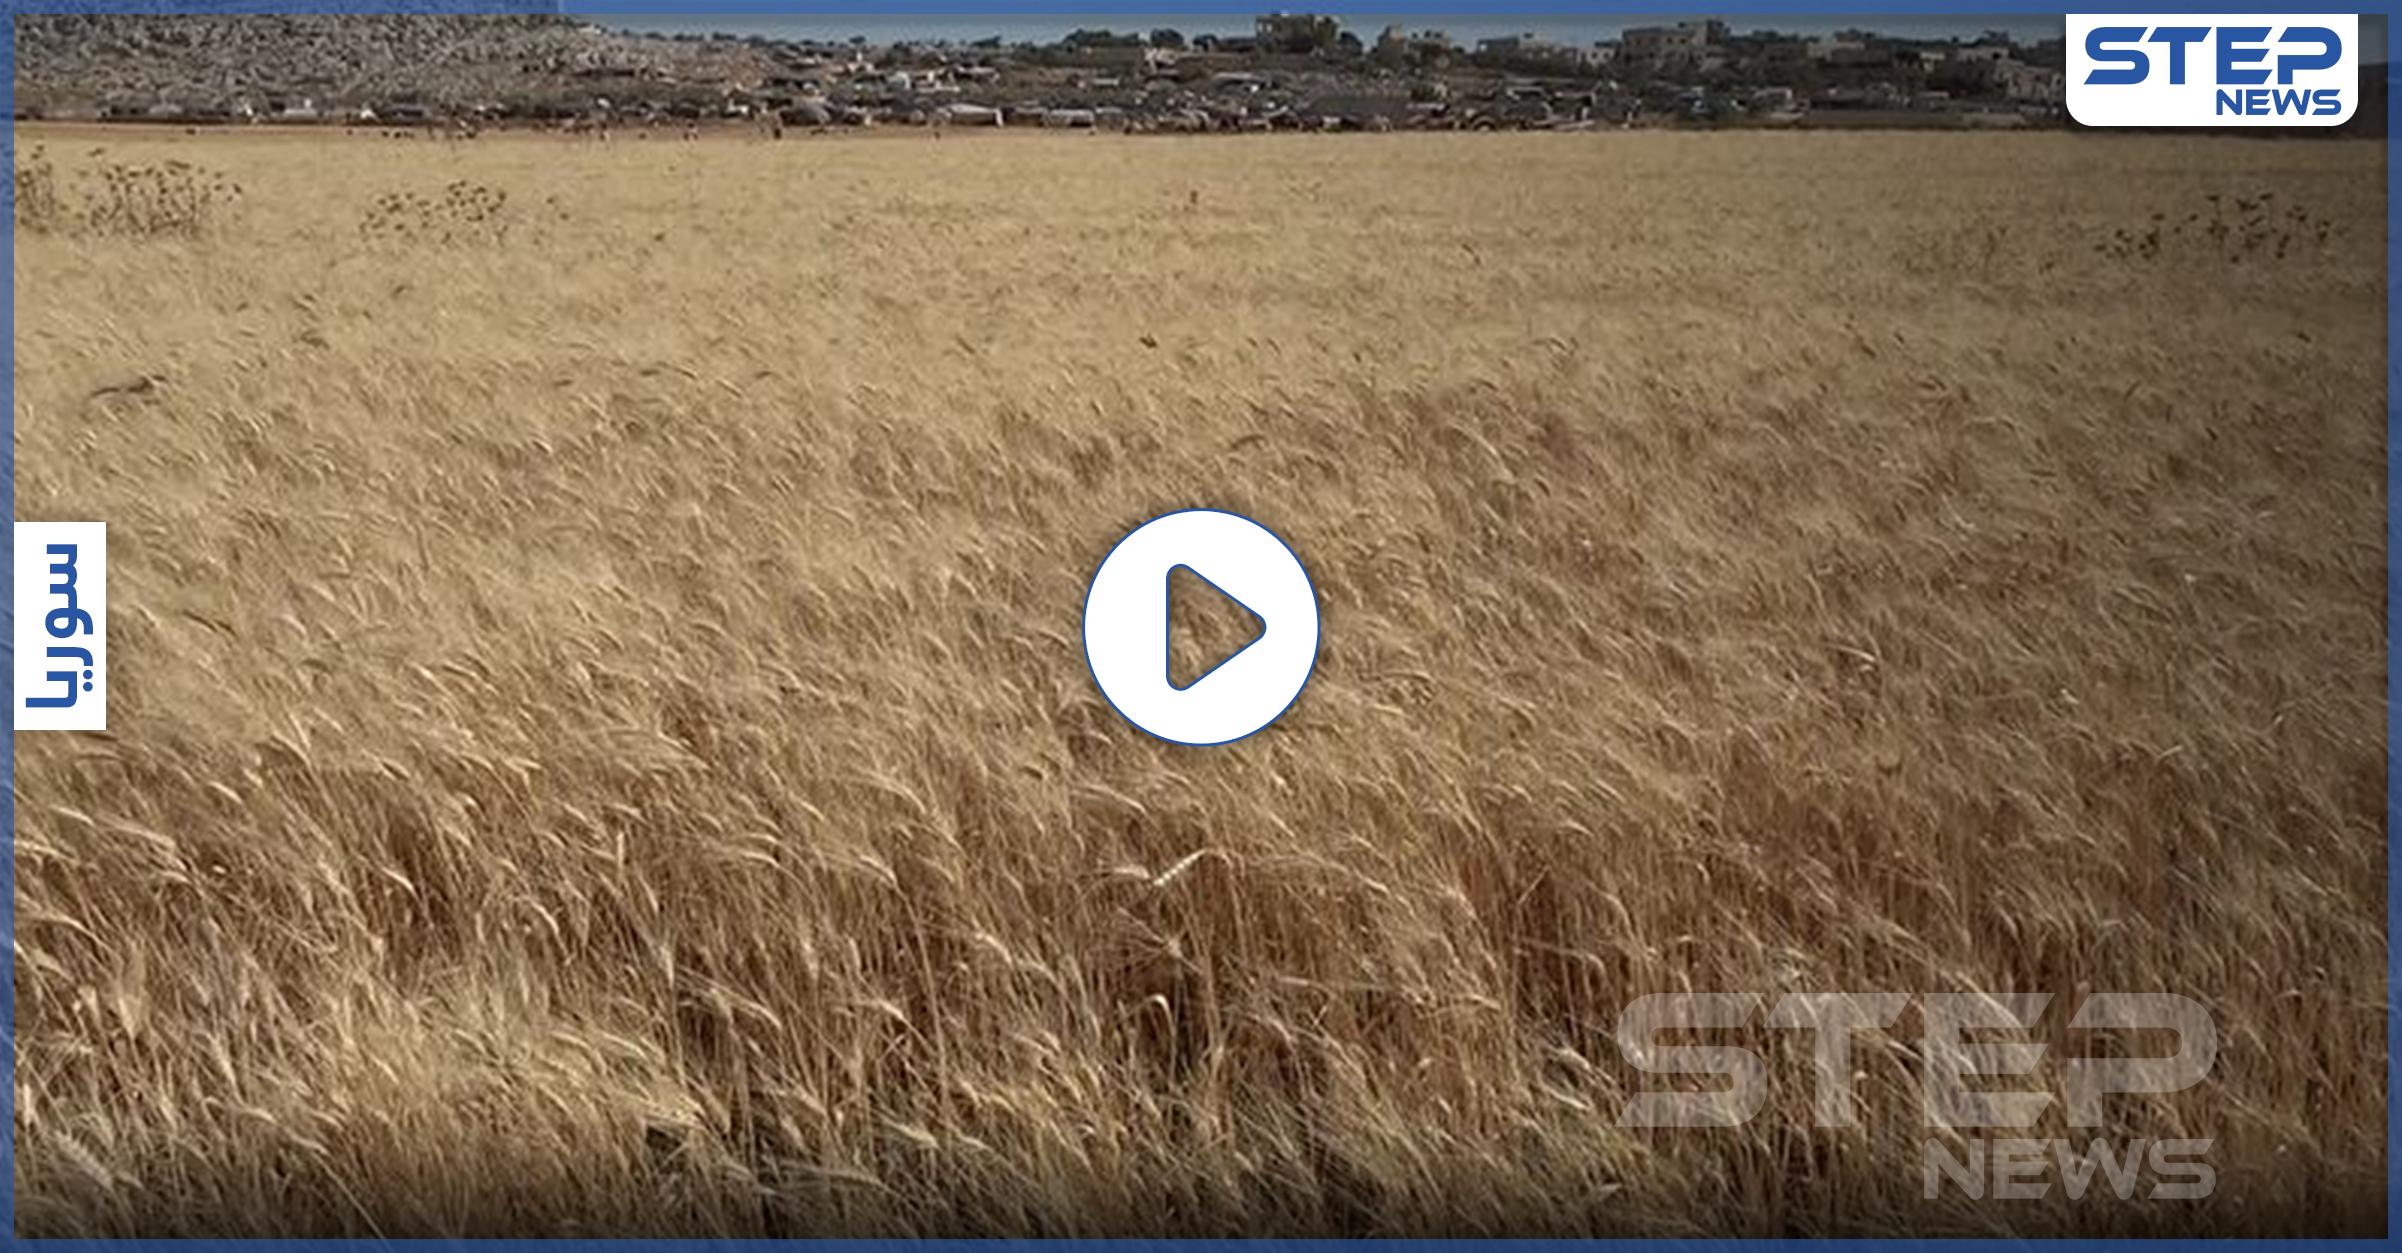 عدسة ستيب ترصد بدء موسم حصاد مادة القمح بريف وسط صعوبات يواجهها القطاع الزراعي